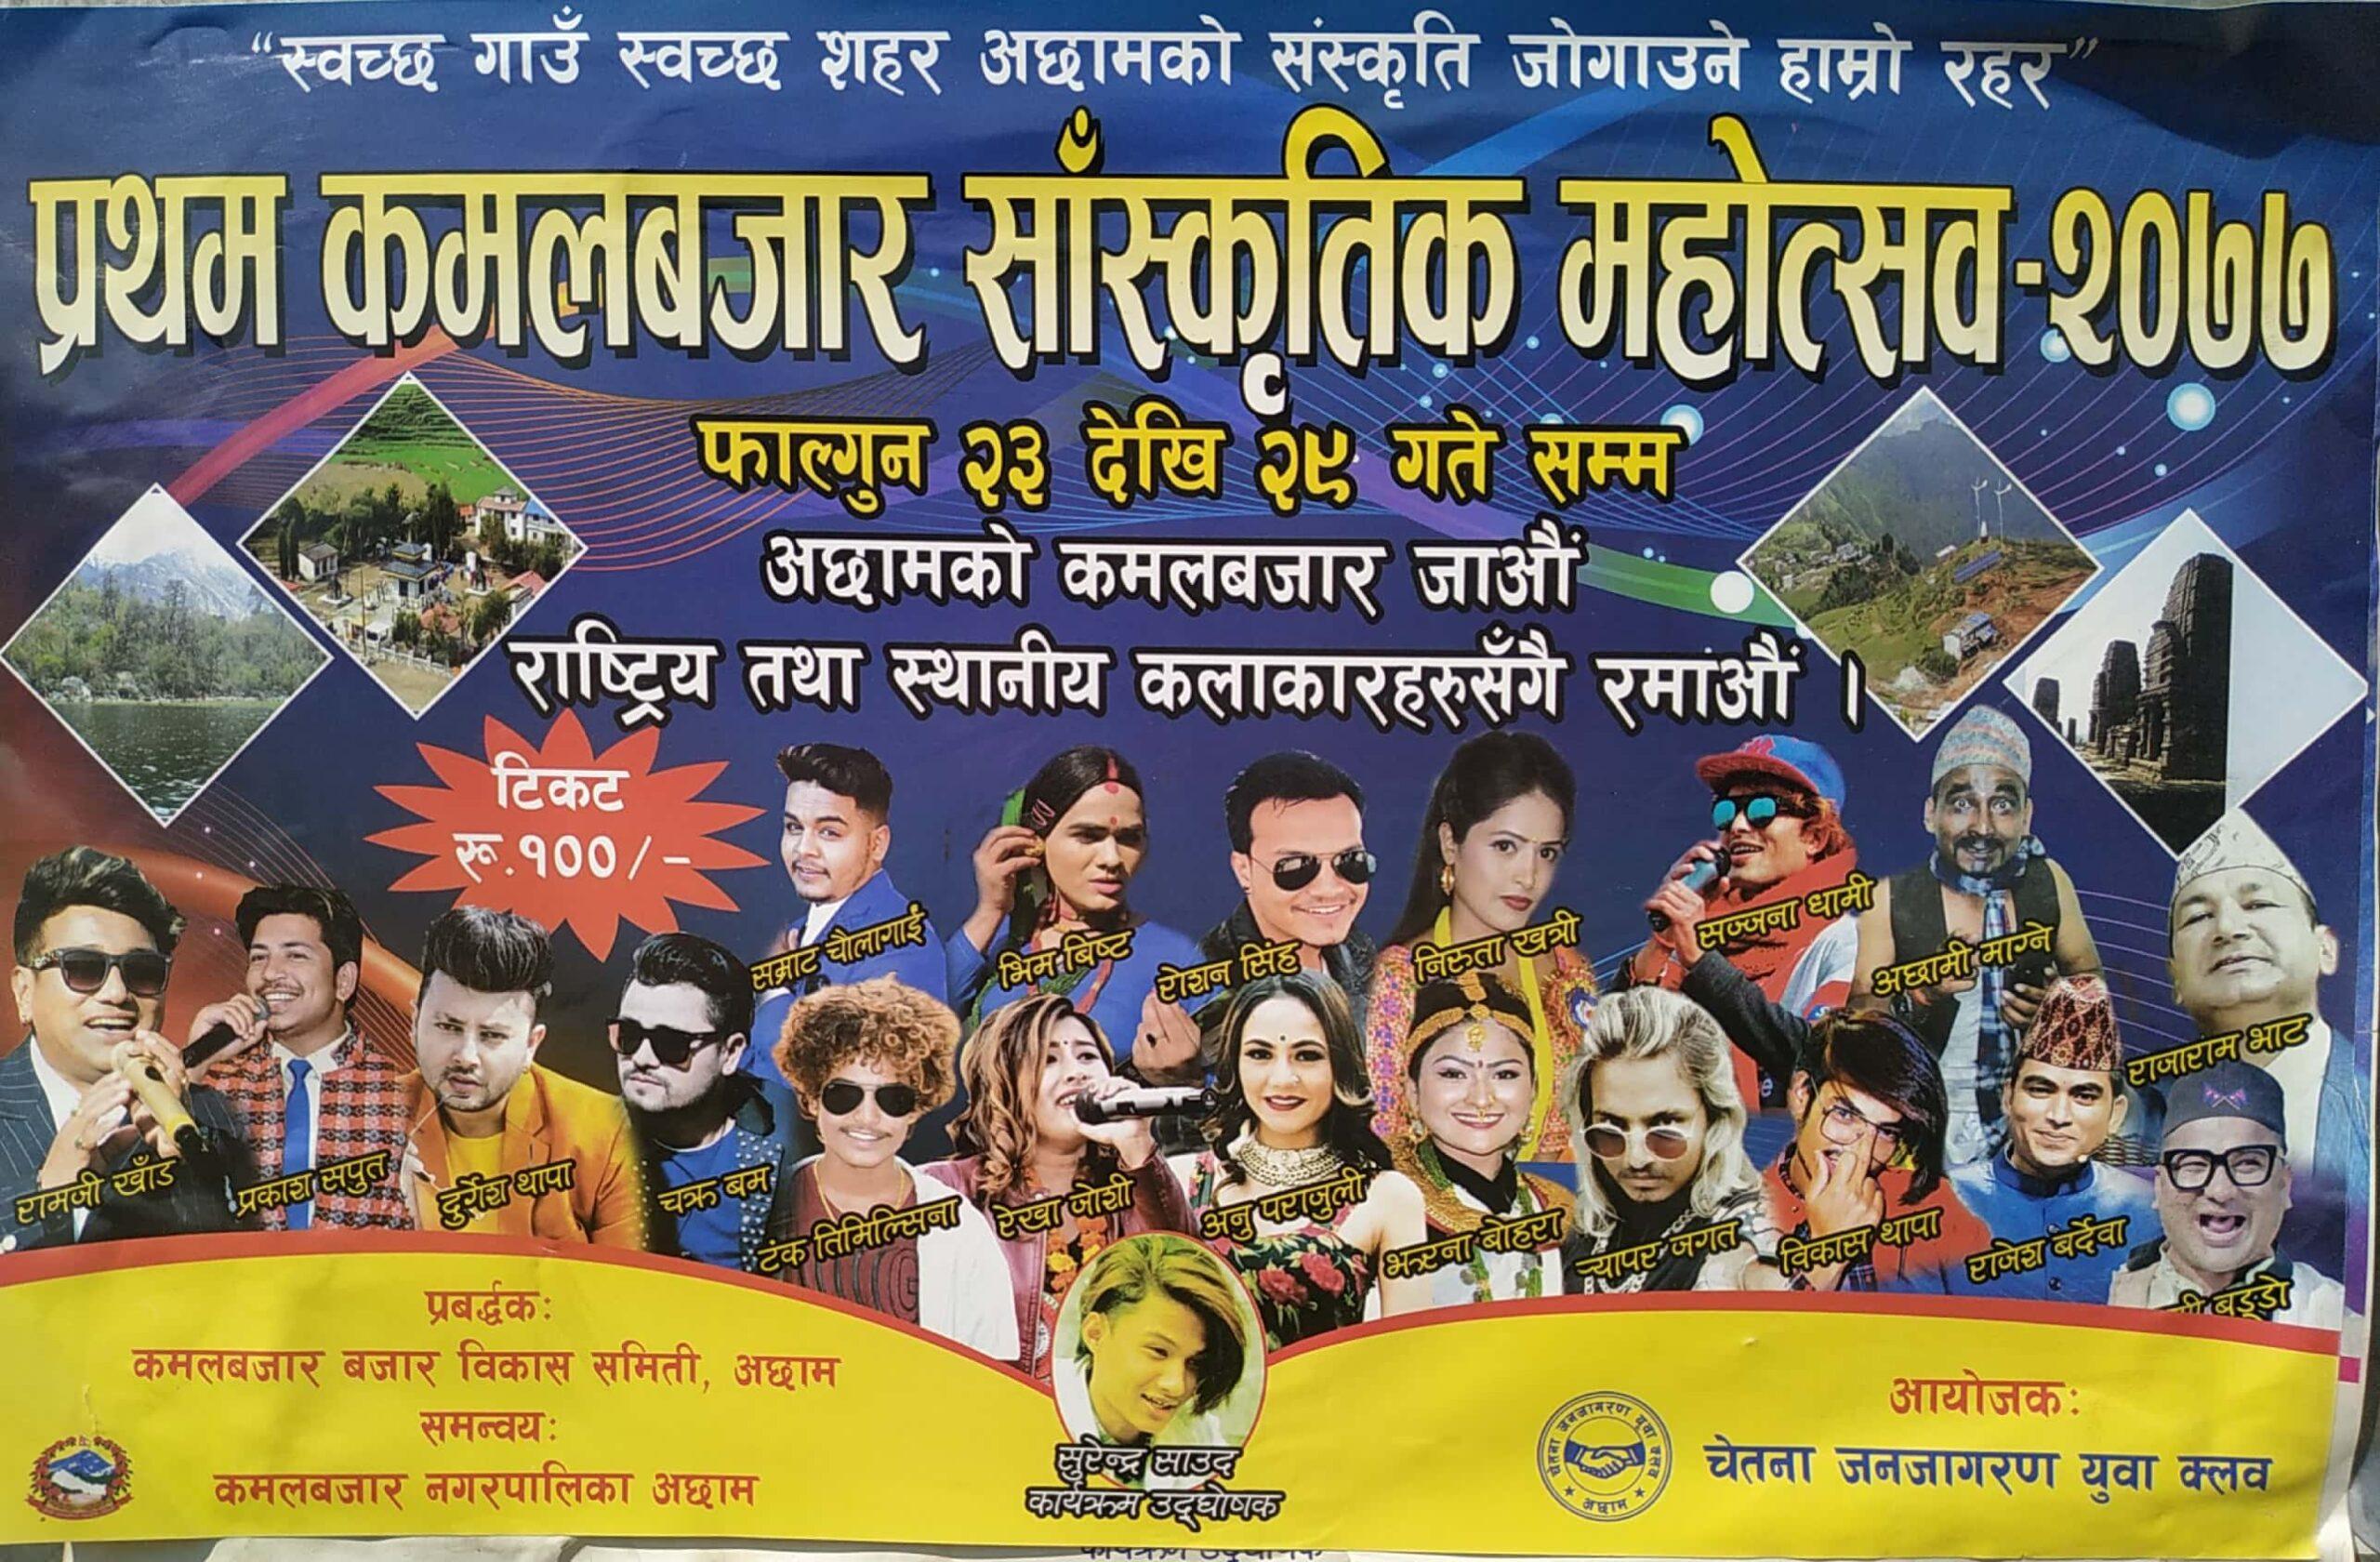 कमलबजार मा सांस्कृतिक महोत्सव हुदै